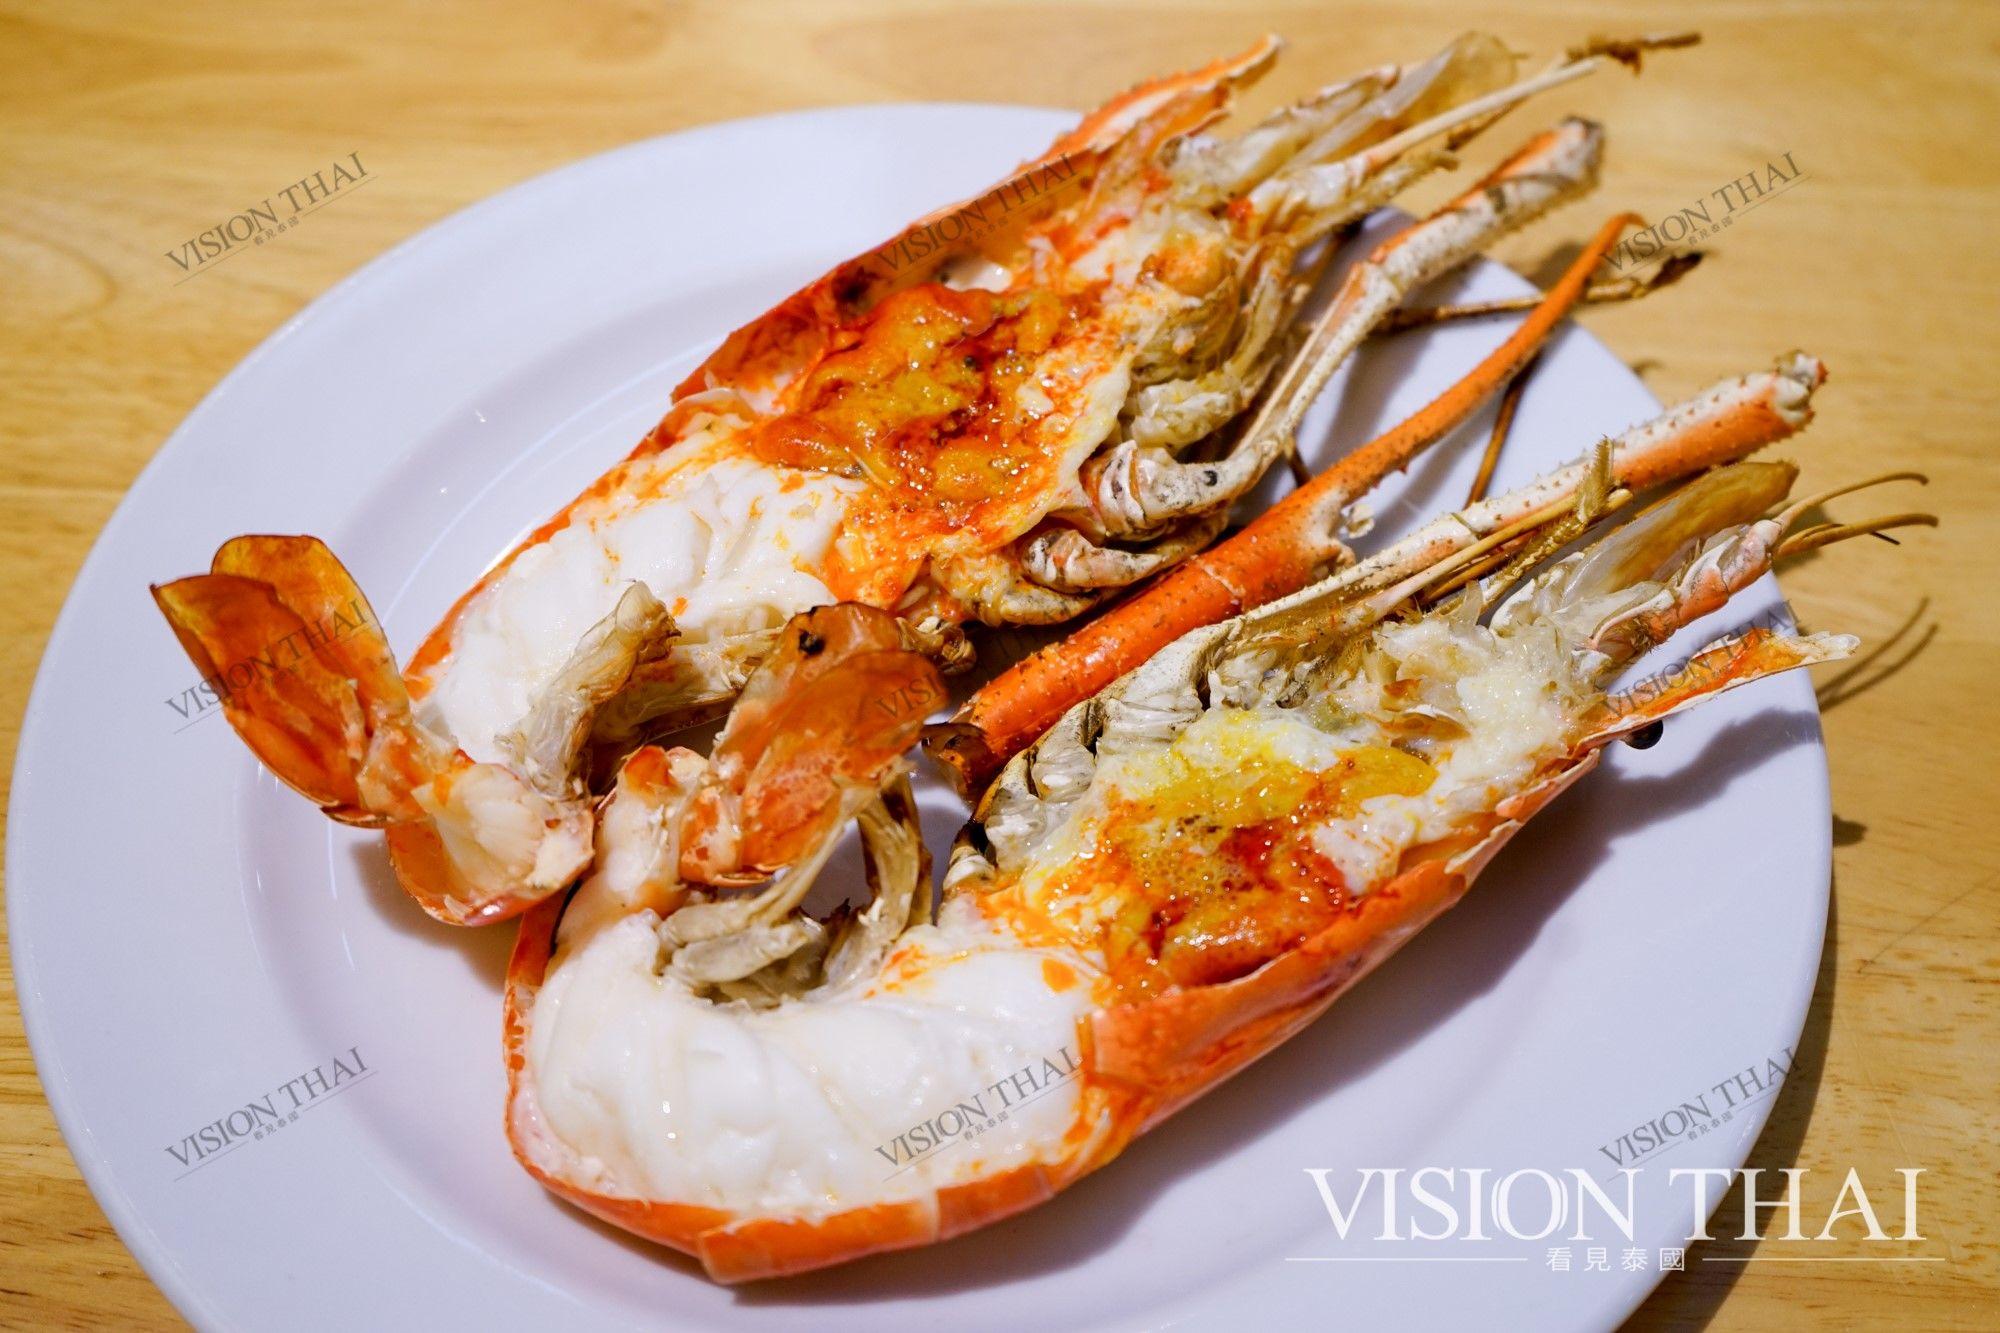 藍嘉隆海鮮酒家,以鮮美的海鮮讓許多老饕慕名而來。